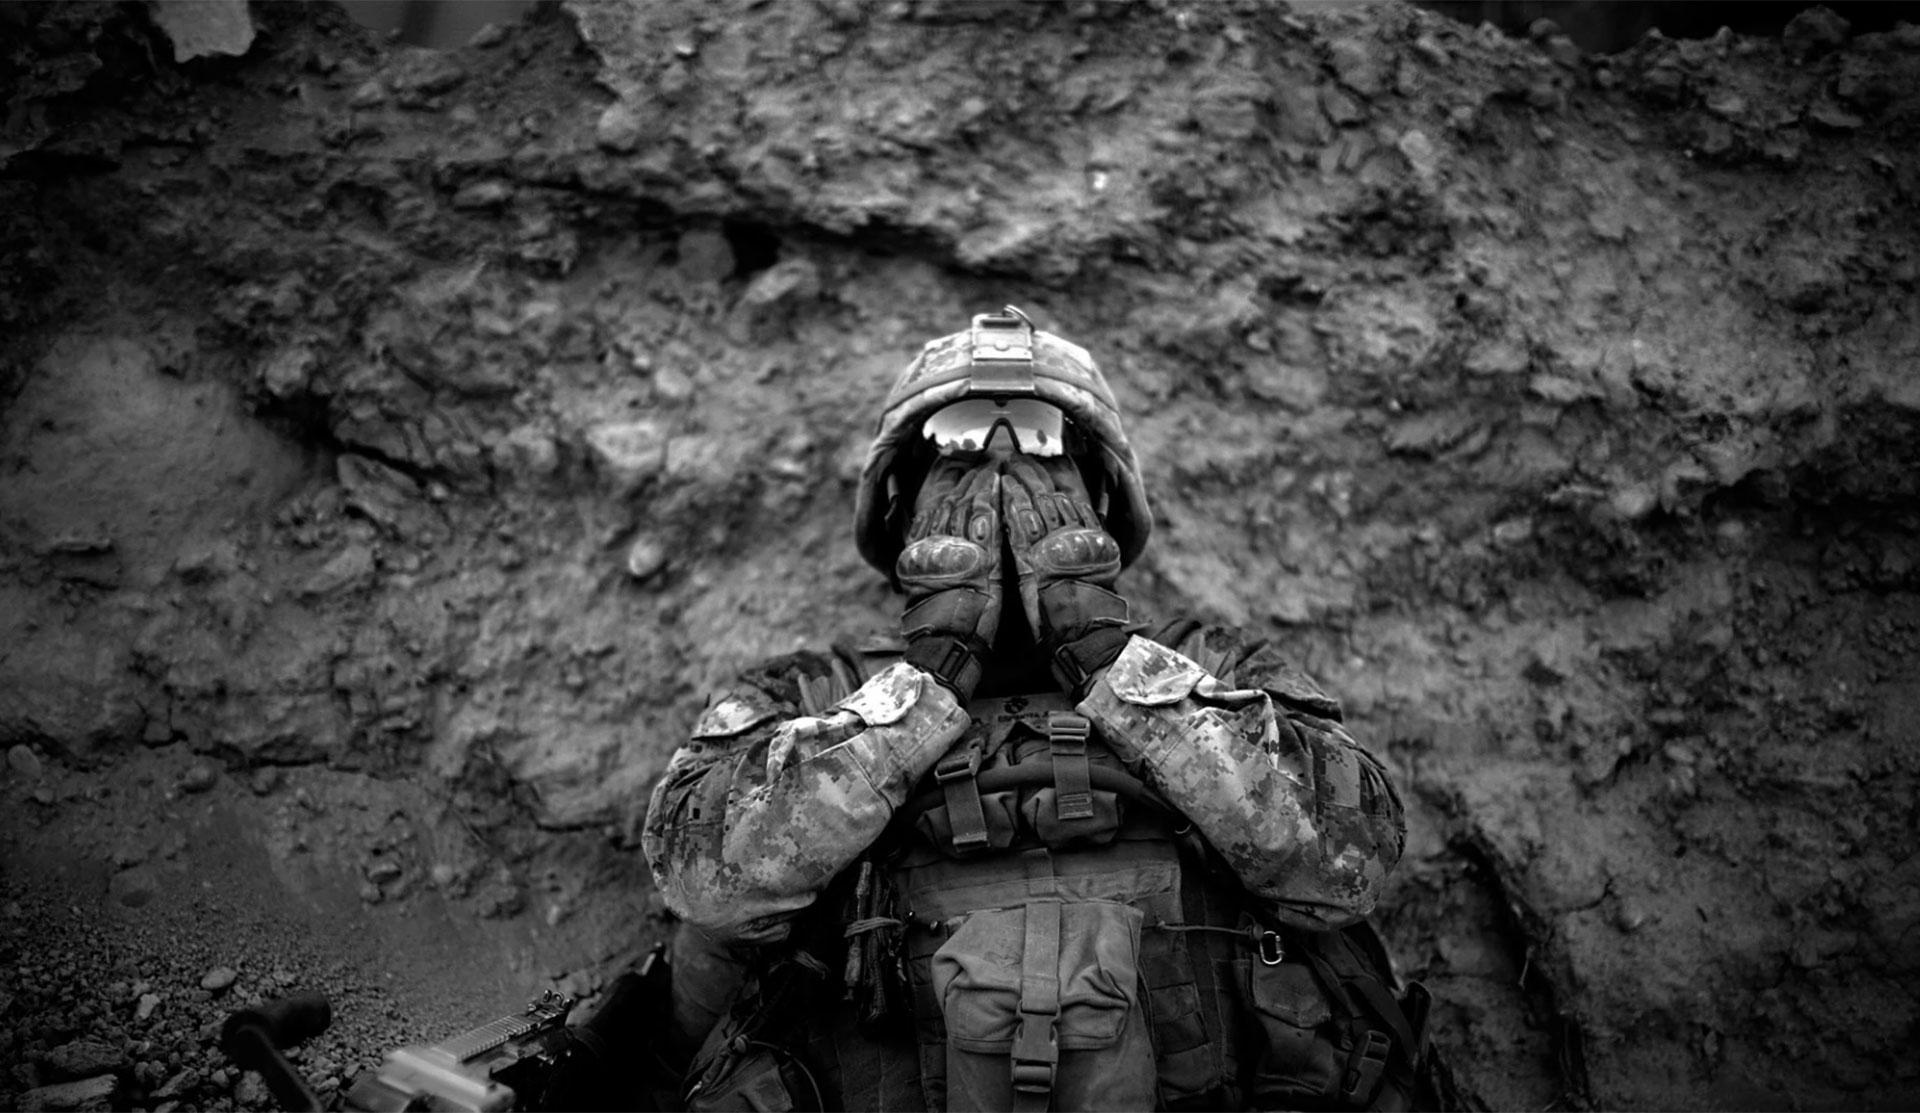 El marineAnthony Espinoza se limpia la sal y el sudor de sus ojos, en el distrito Sangin, en el sur de Afganistán. Las altas temperaturas y la humedad fueron otro de los enemigos de los estadounidenses en tierra talibana (2011)